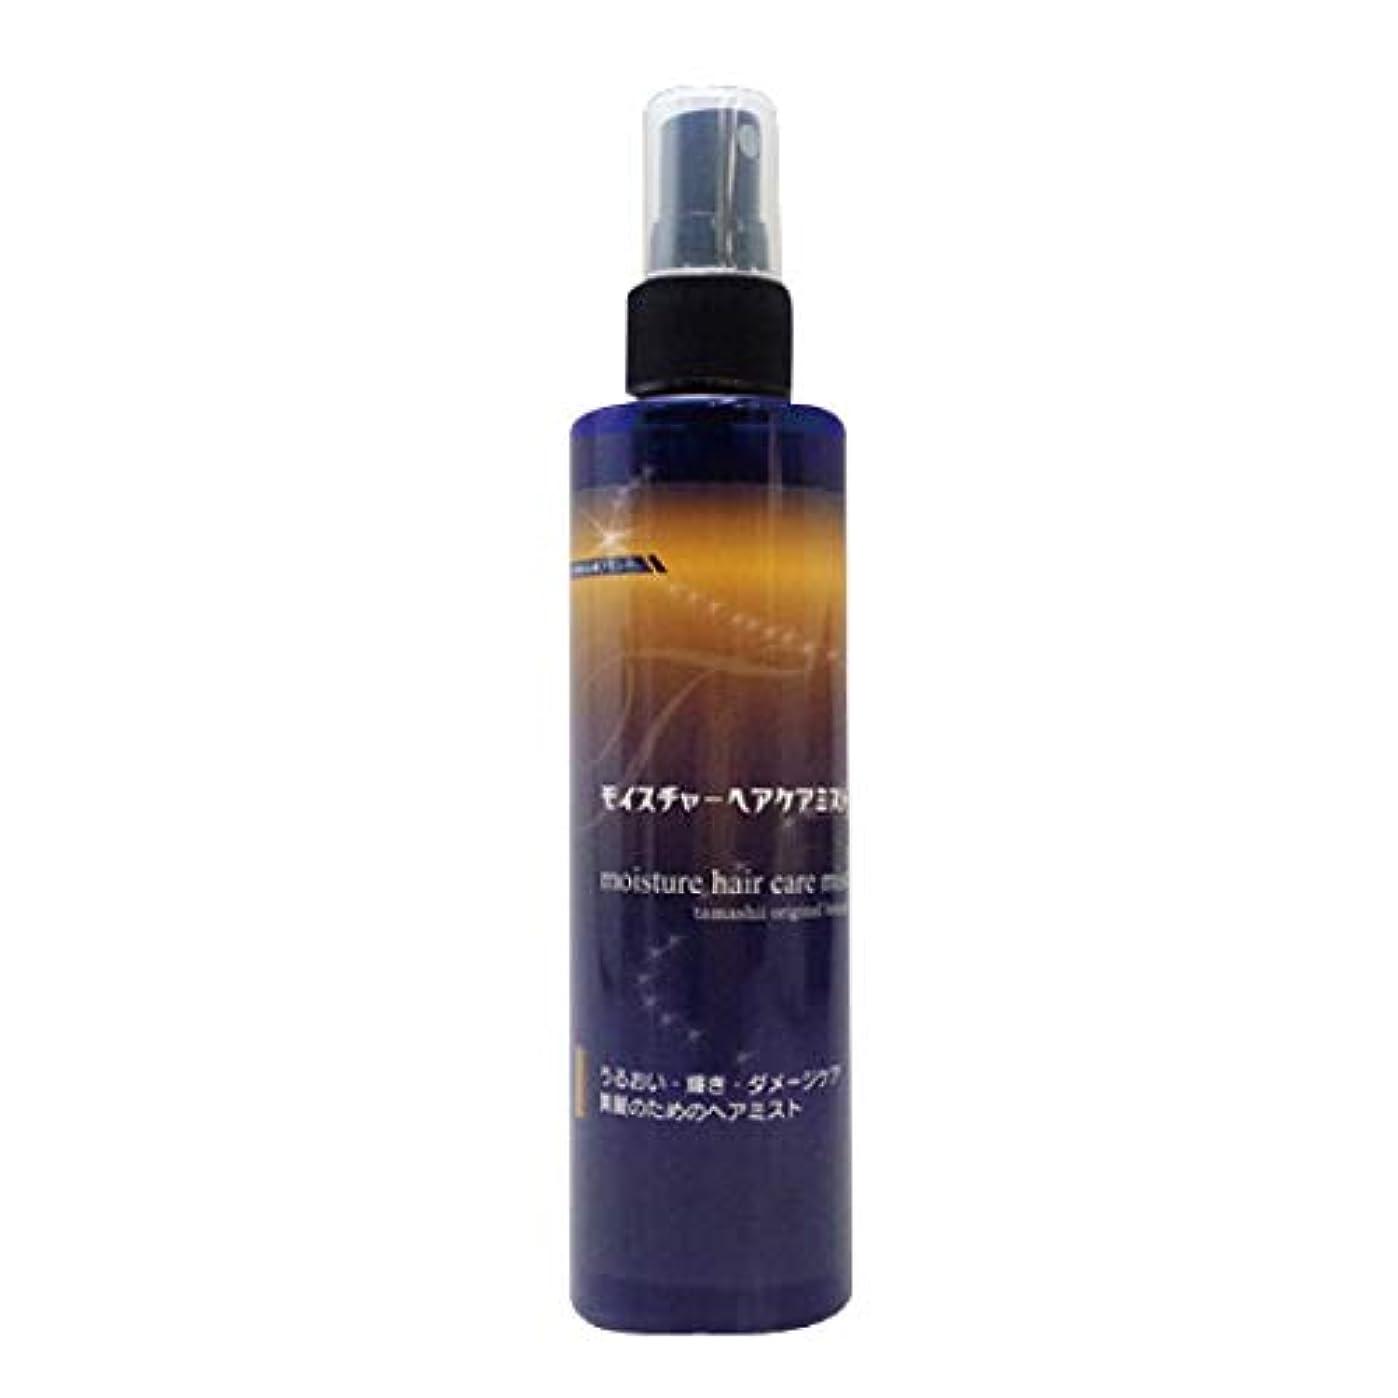 下向きホイップモロニックモイスチャーヘアケアミスト200ml(無香料) ミストタイプのノンケミカル無添加トリートメント(髪の美容液)